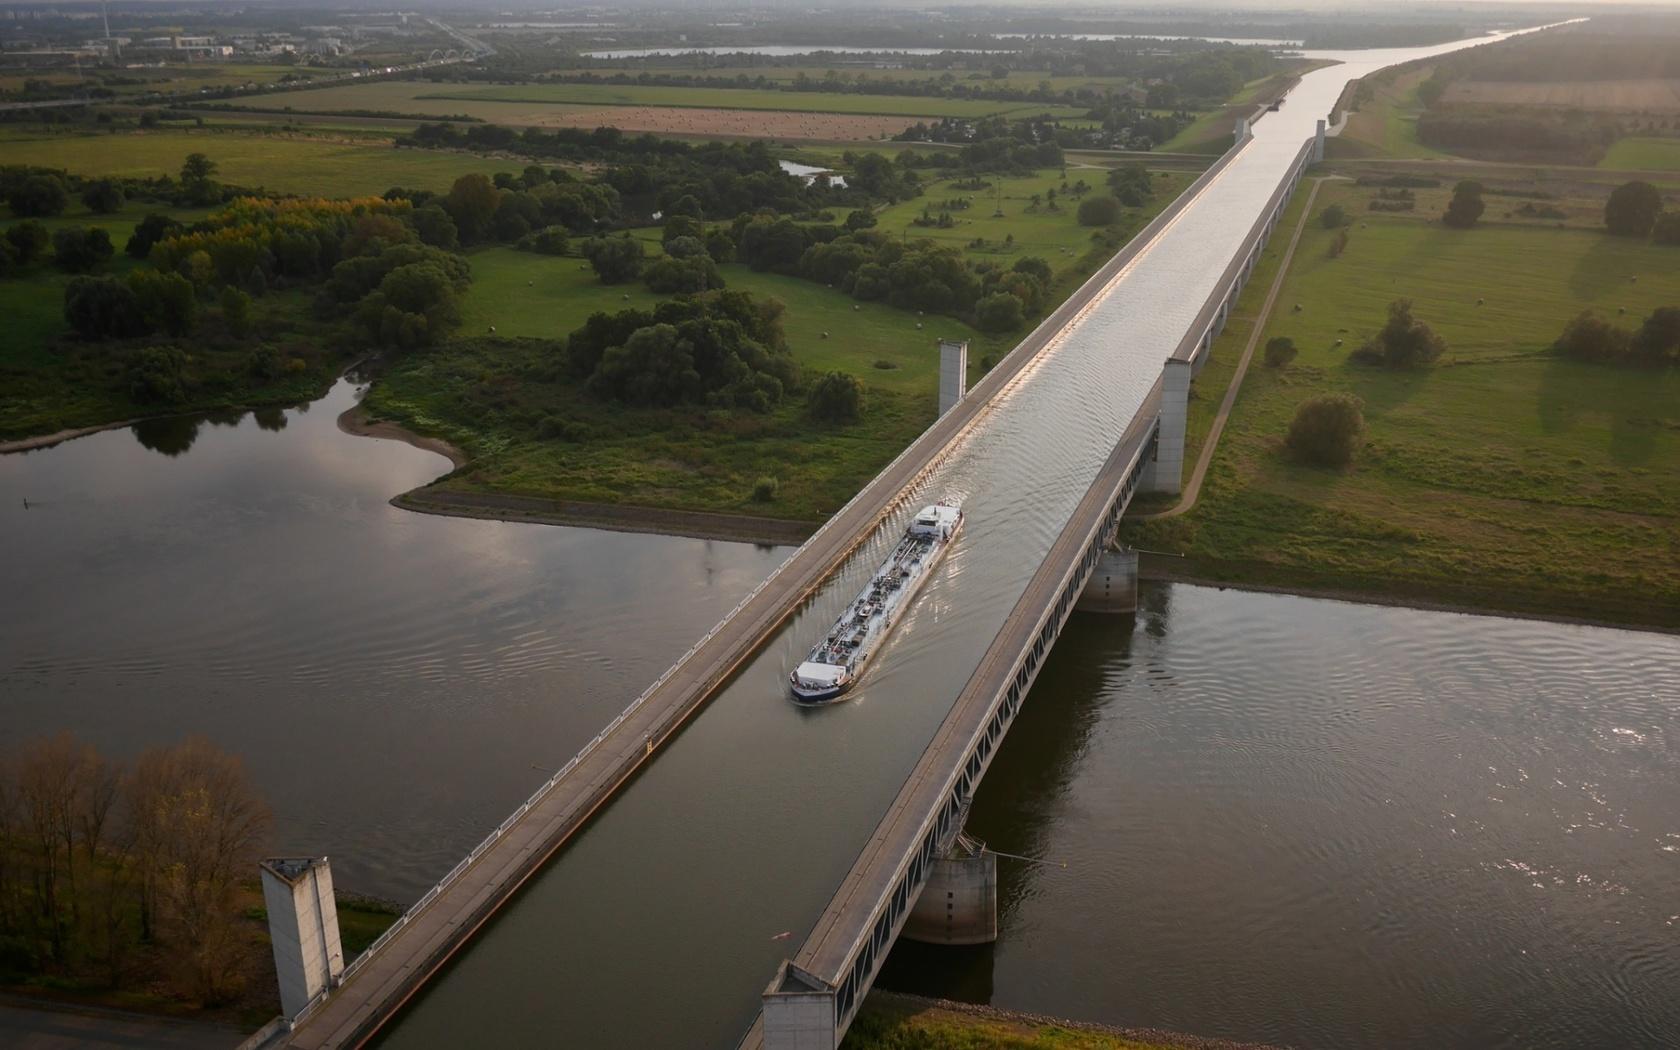 поскольку передние водный мост в бельгии фото выглядеть